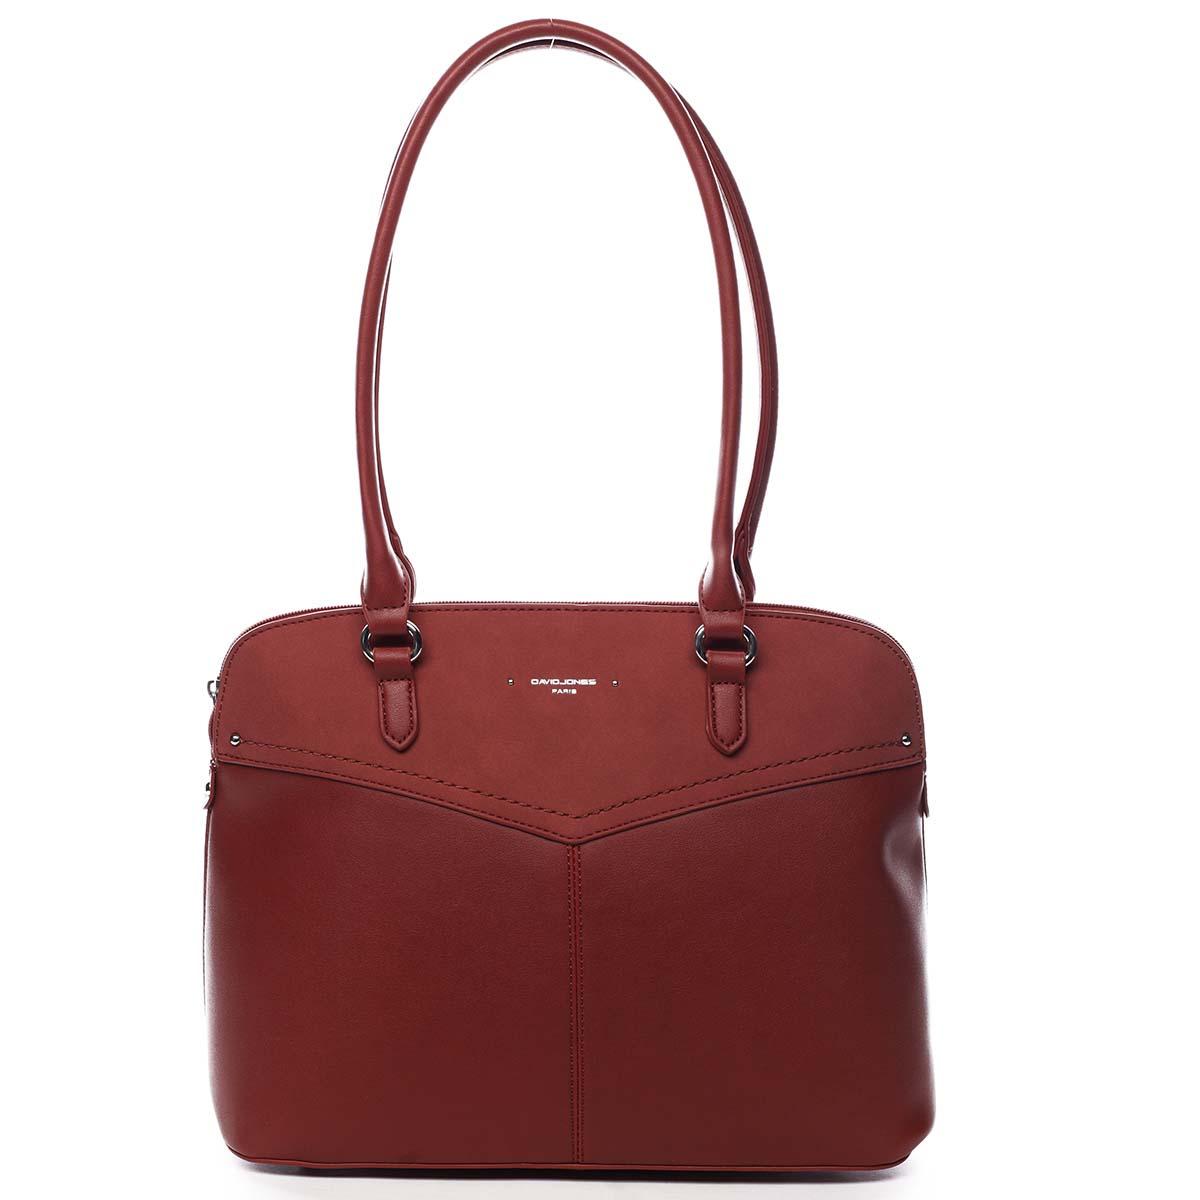 Dámská kabelka přes rameno červená - David Jones Ranasma červená